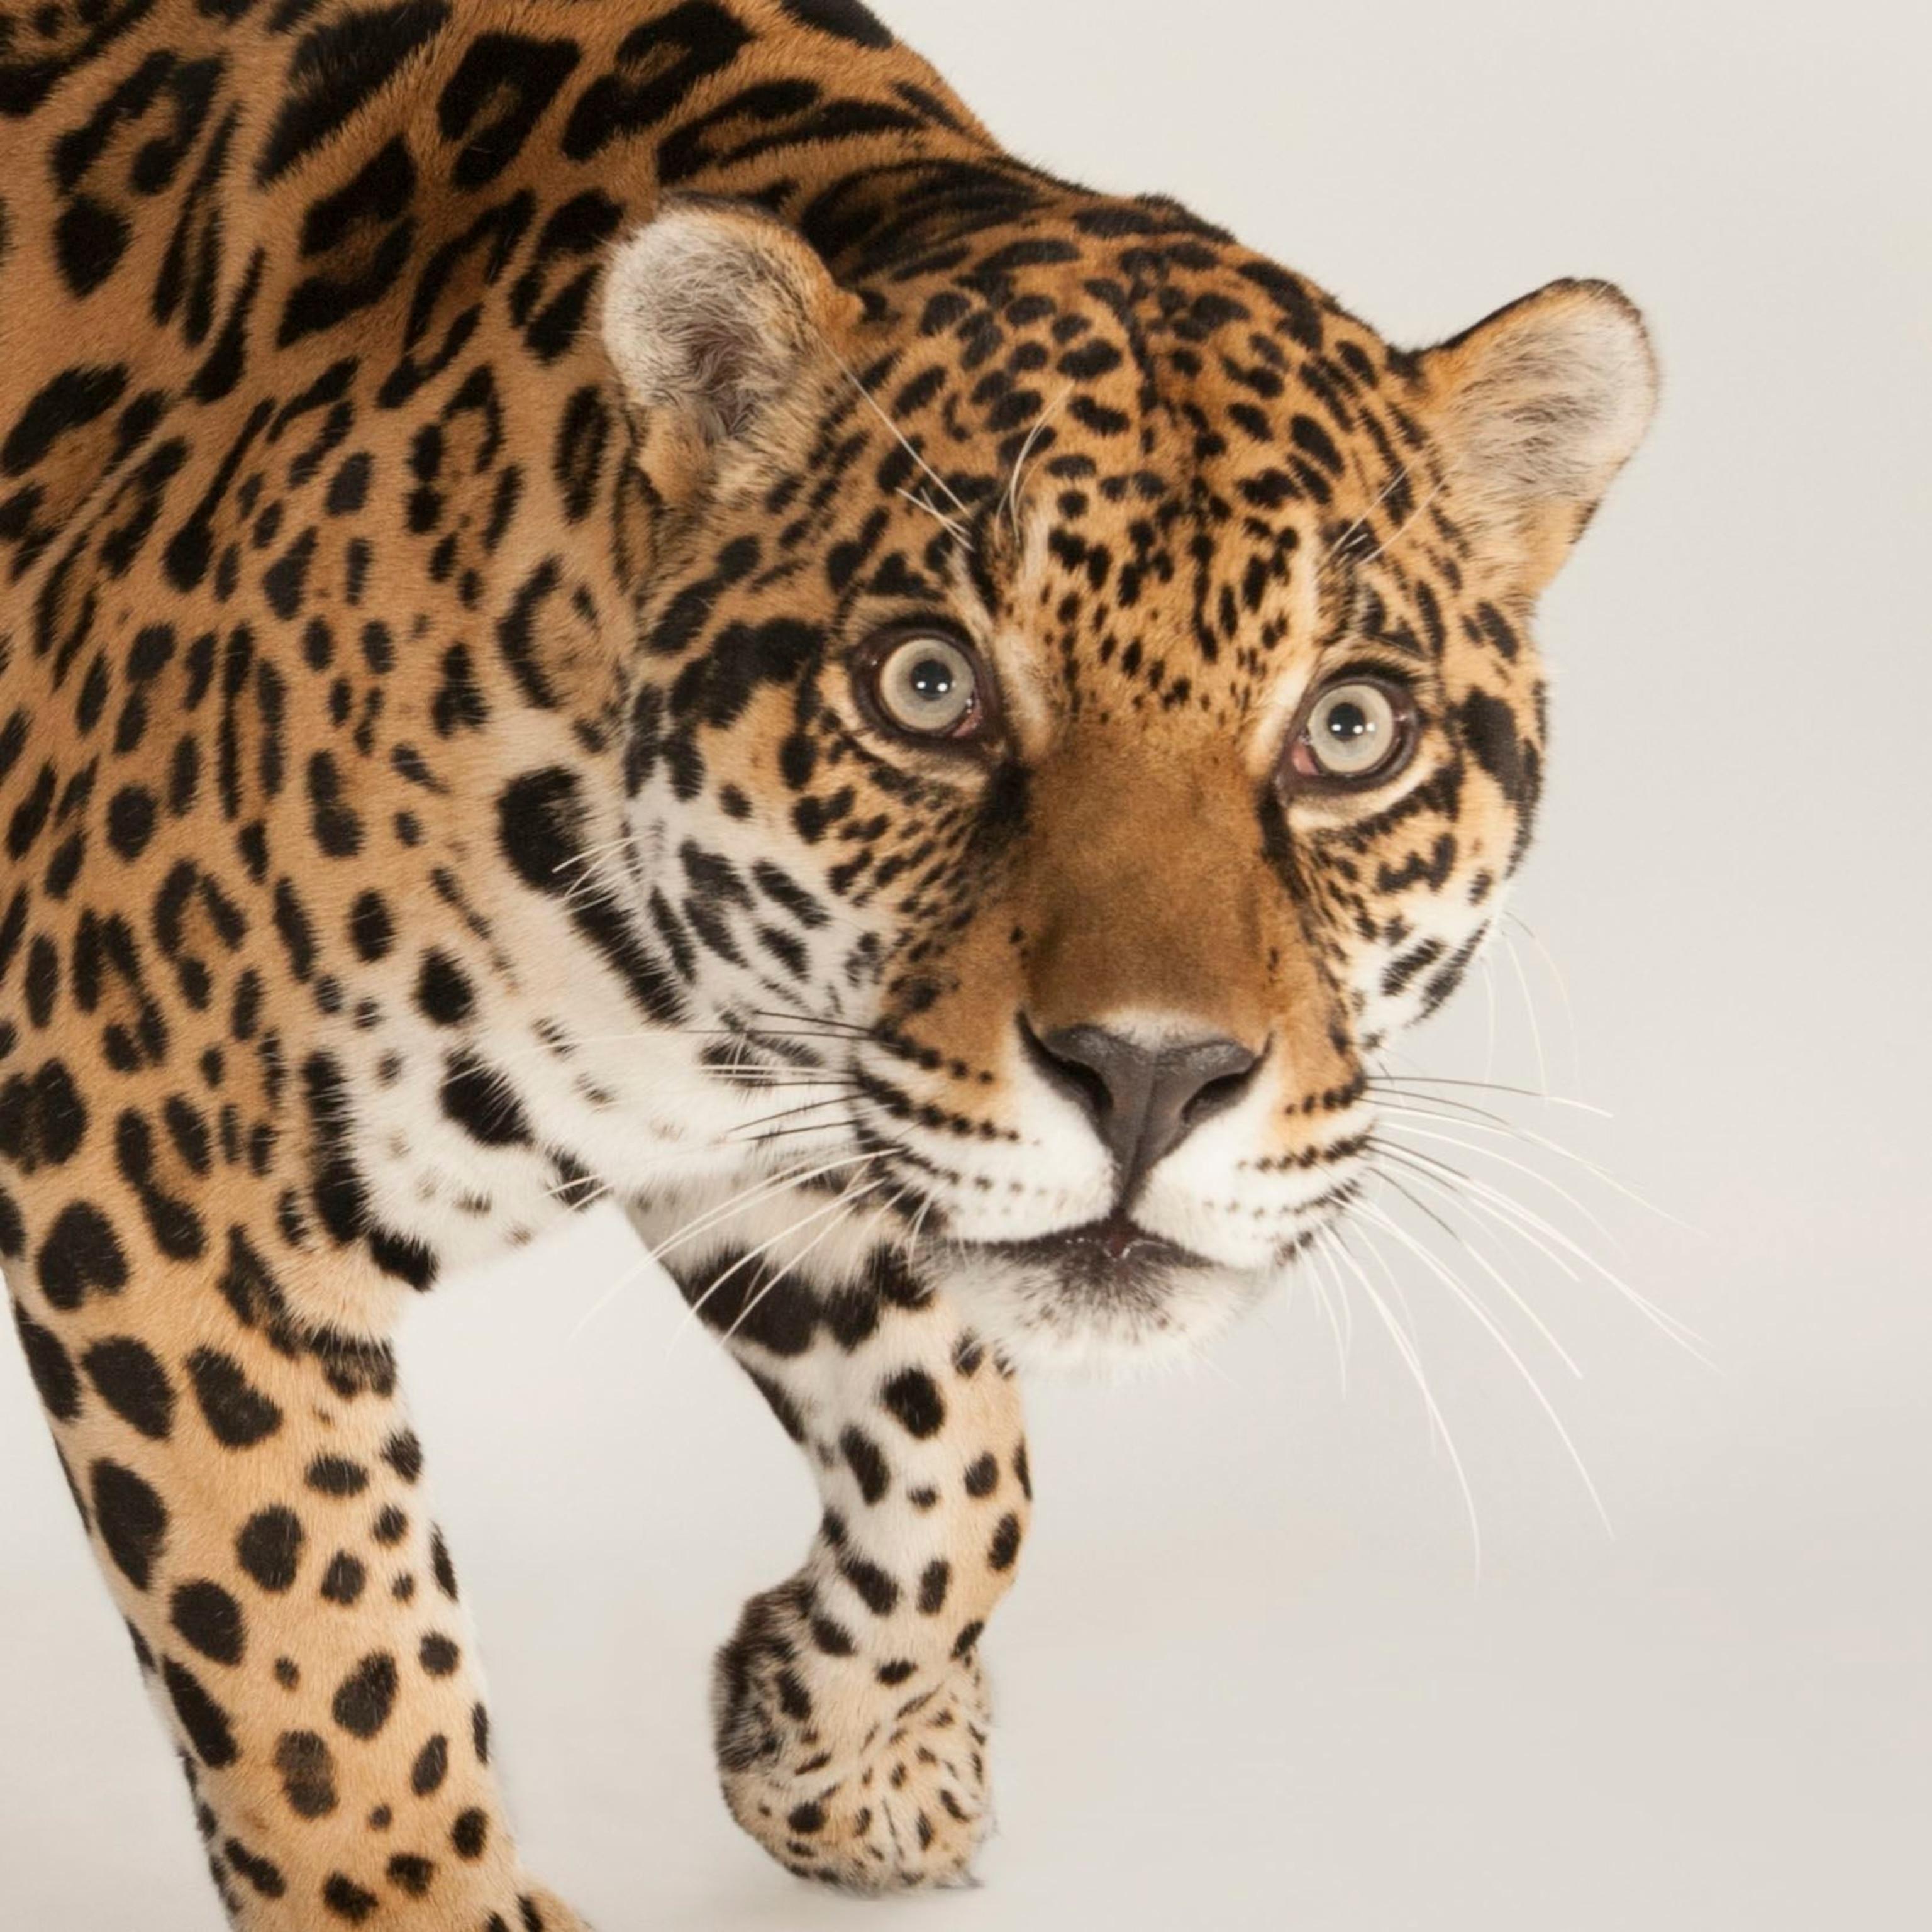 Jaguar, facts and photos